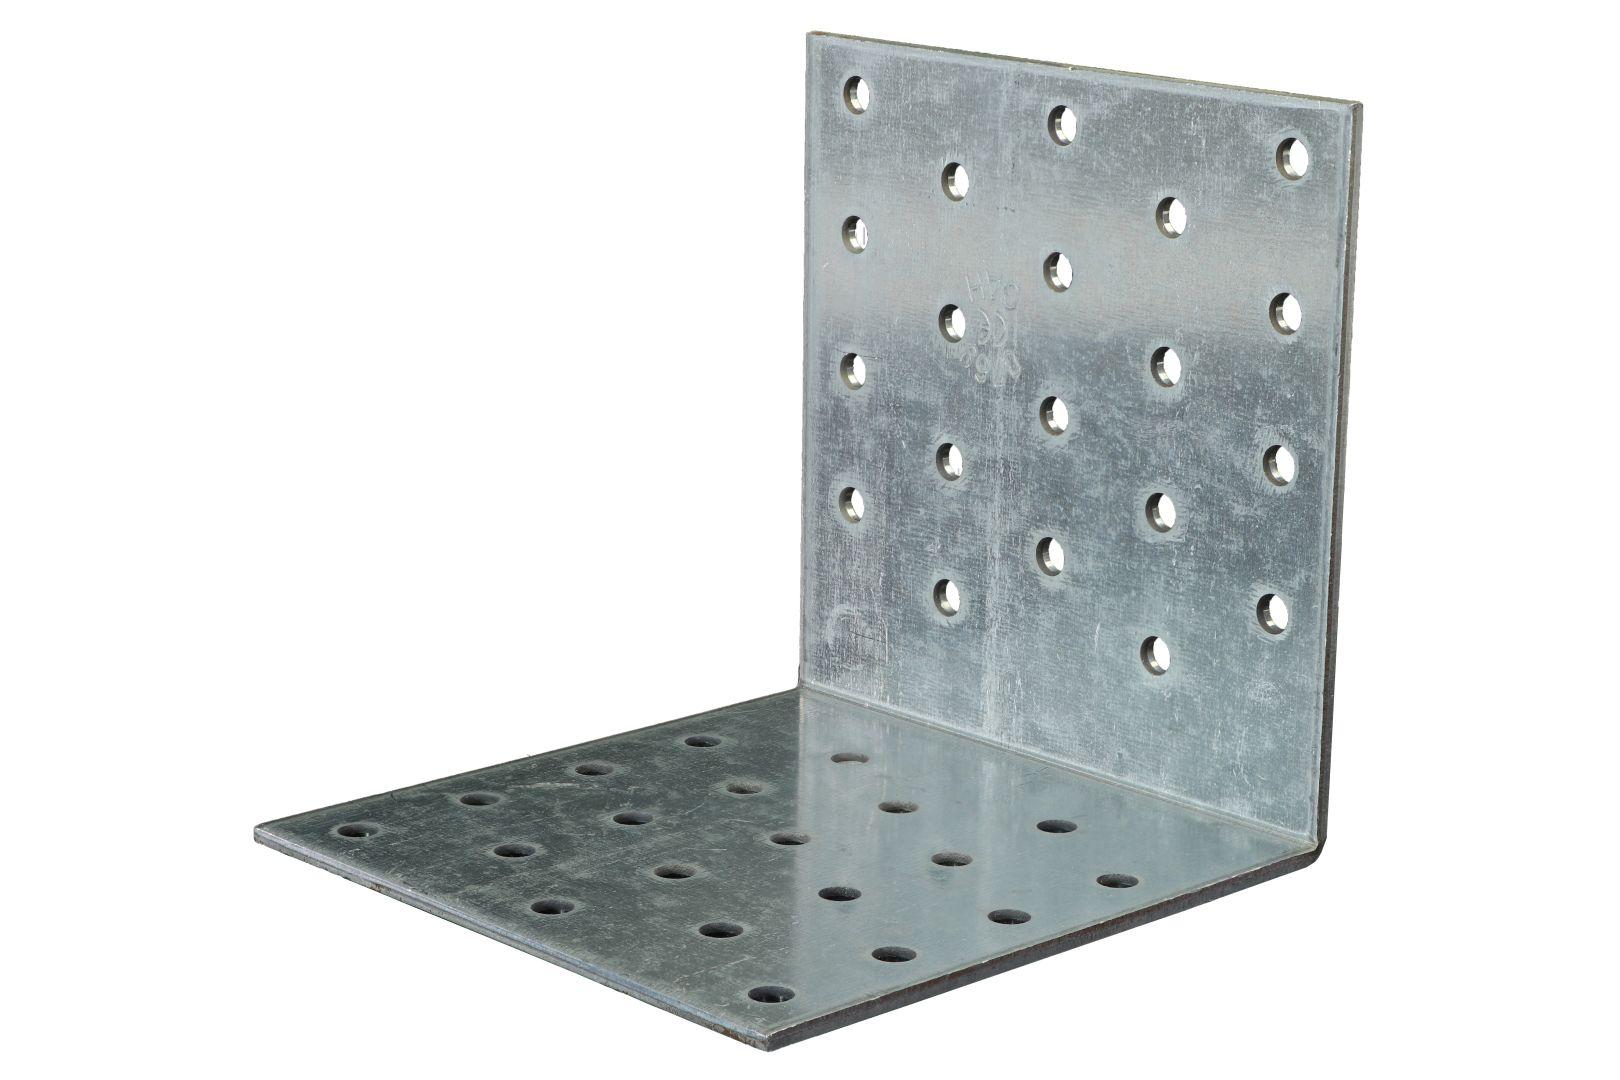 GAH Lochplattenwinkel, Winkelverbinder, sendzimirverzinkt, 100 x 100 x 100 mm, Stärke: 2,5 mm